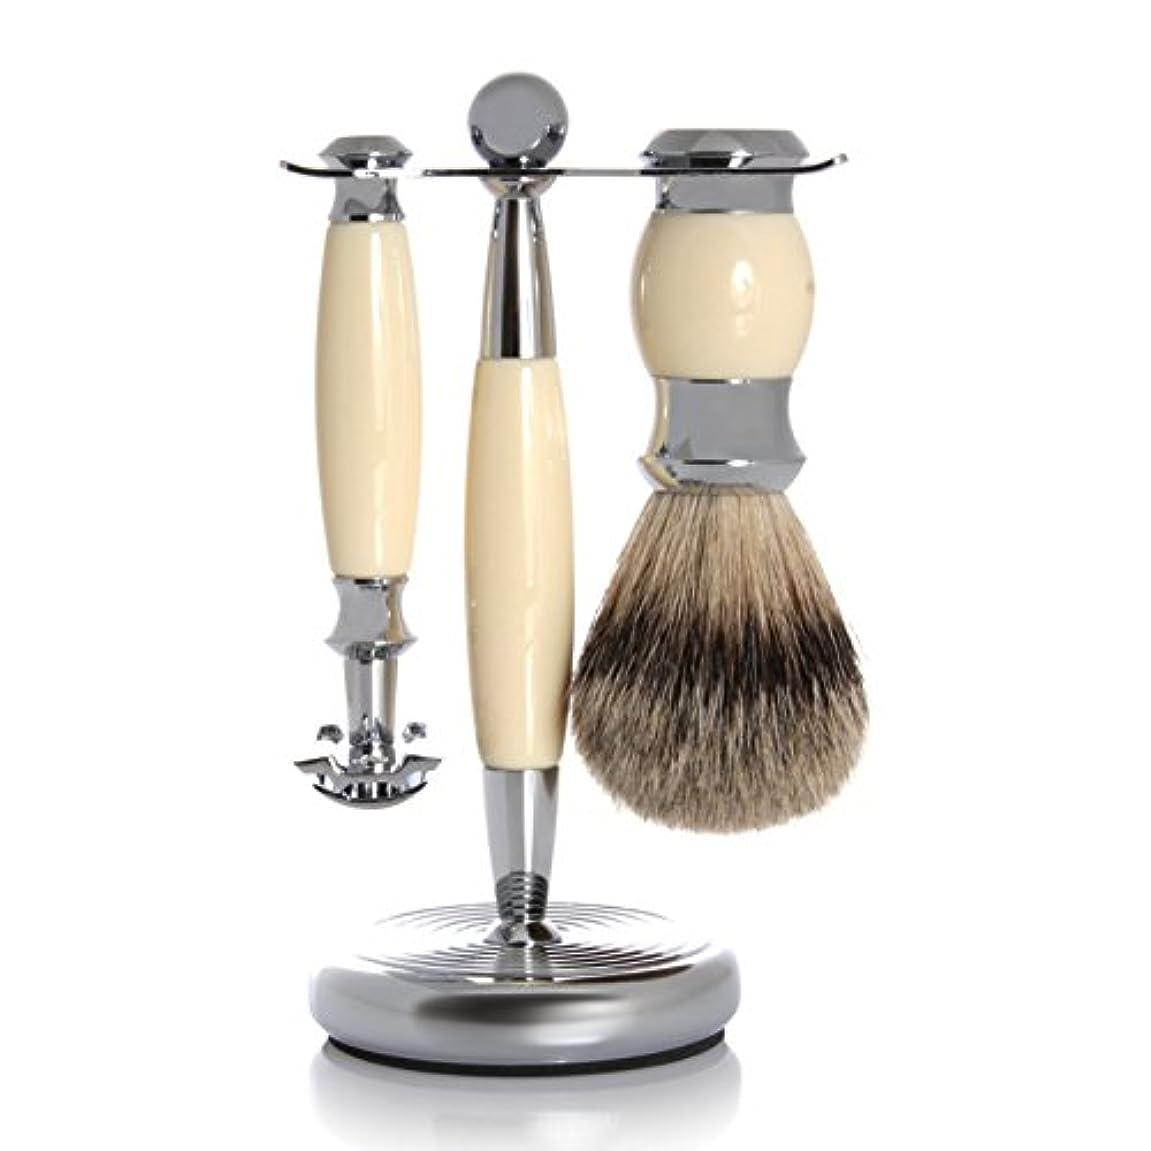 飢え絶滅した盗賊GOLDDACHS Shaving Set, Safety razor, Finest Badger, white/silver